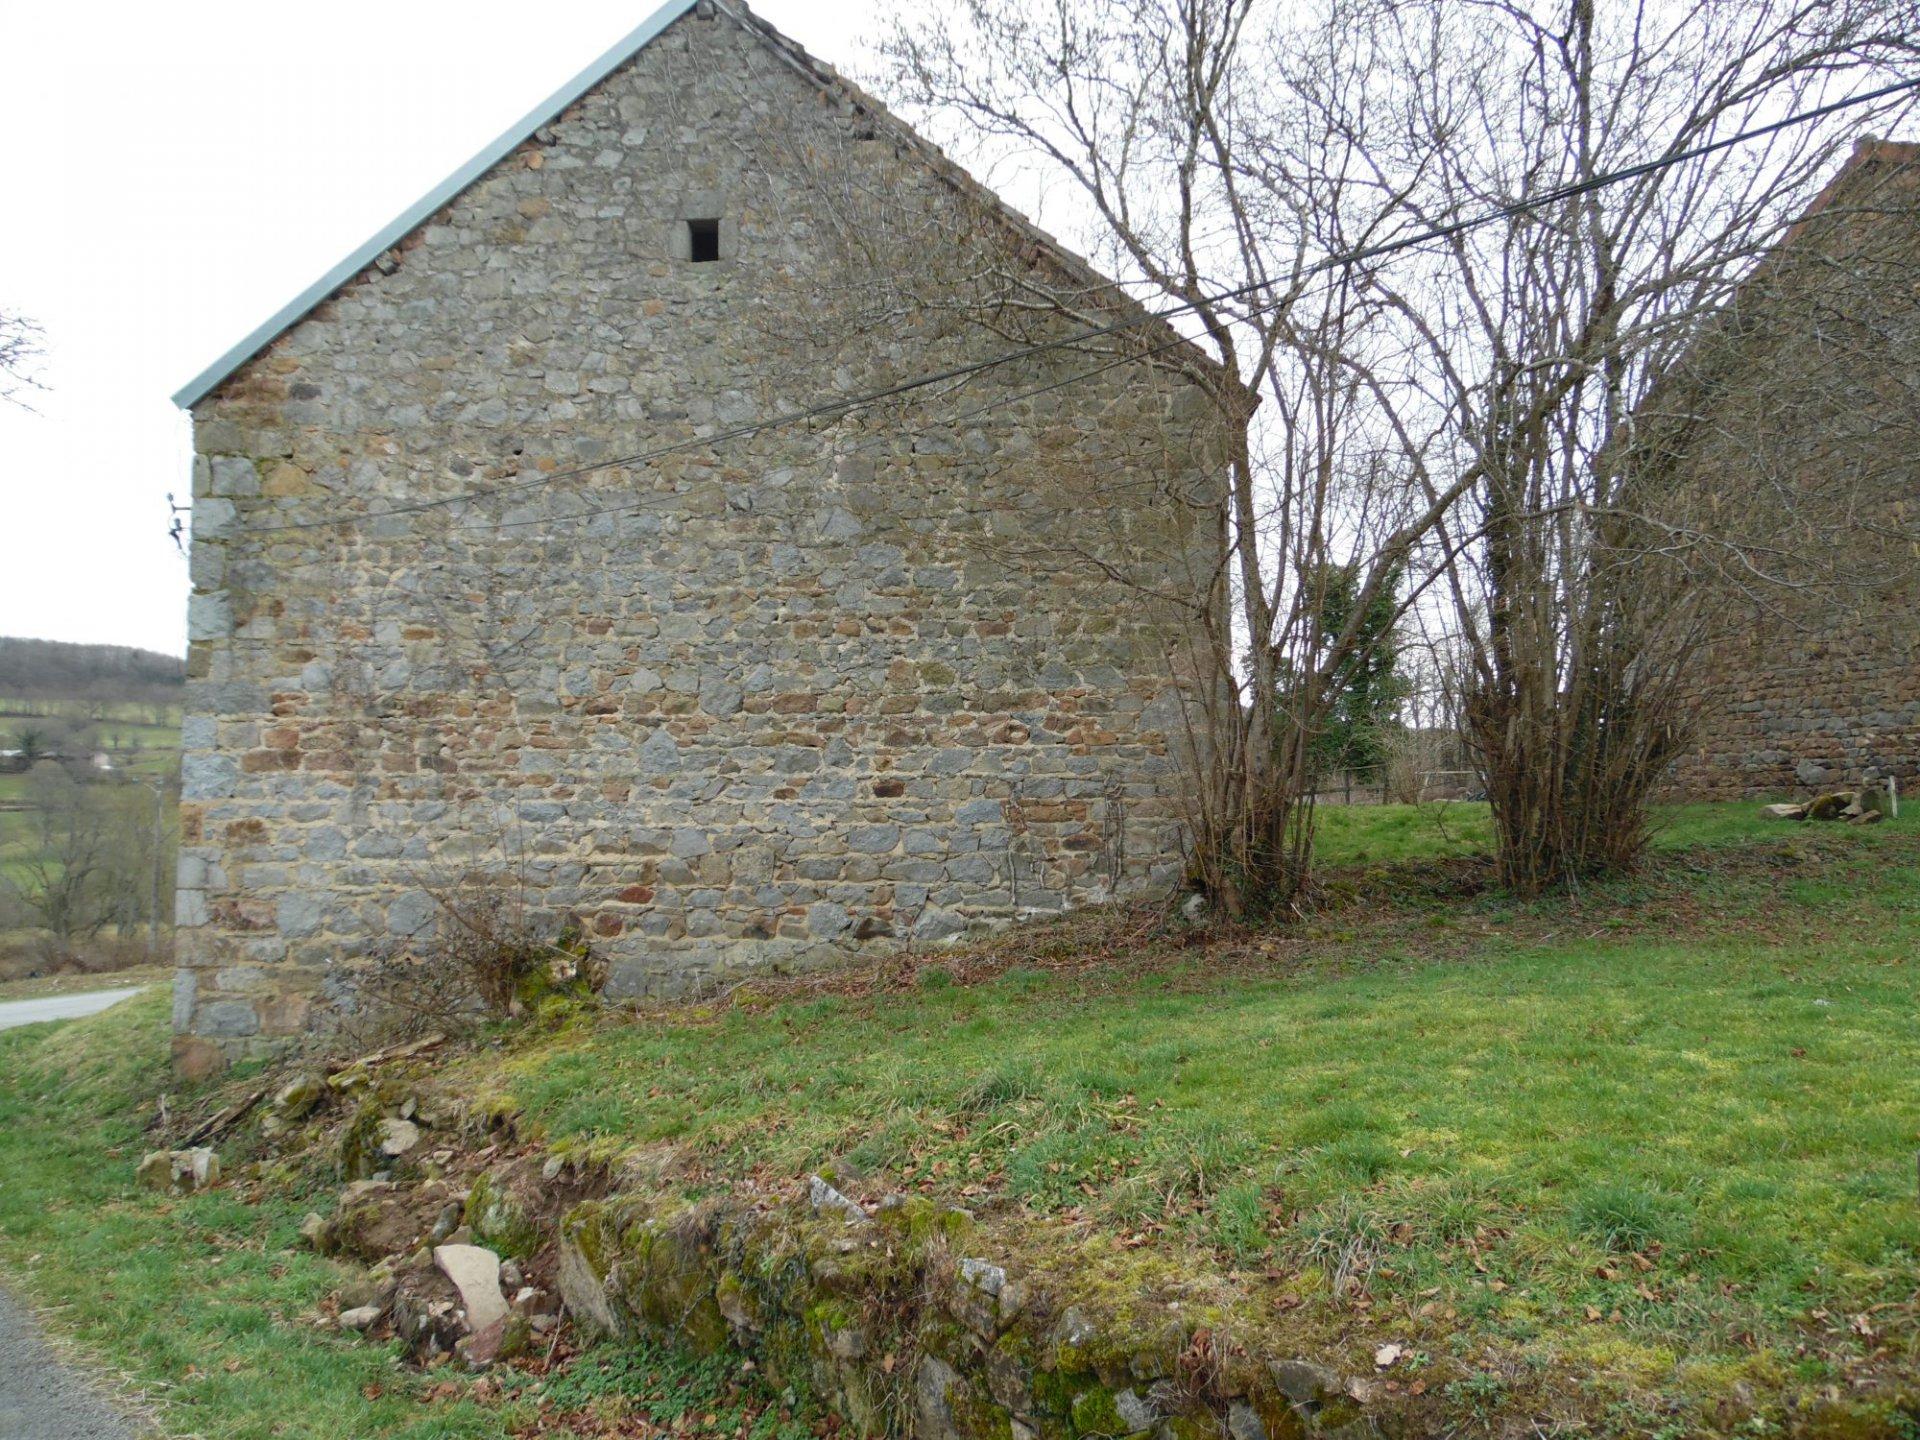 A vendre en Creuse, grange, belle vue , 1600m² de terrain.